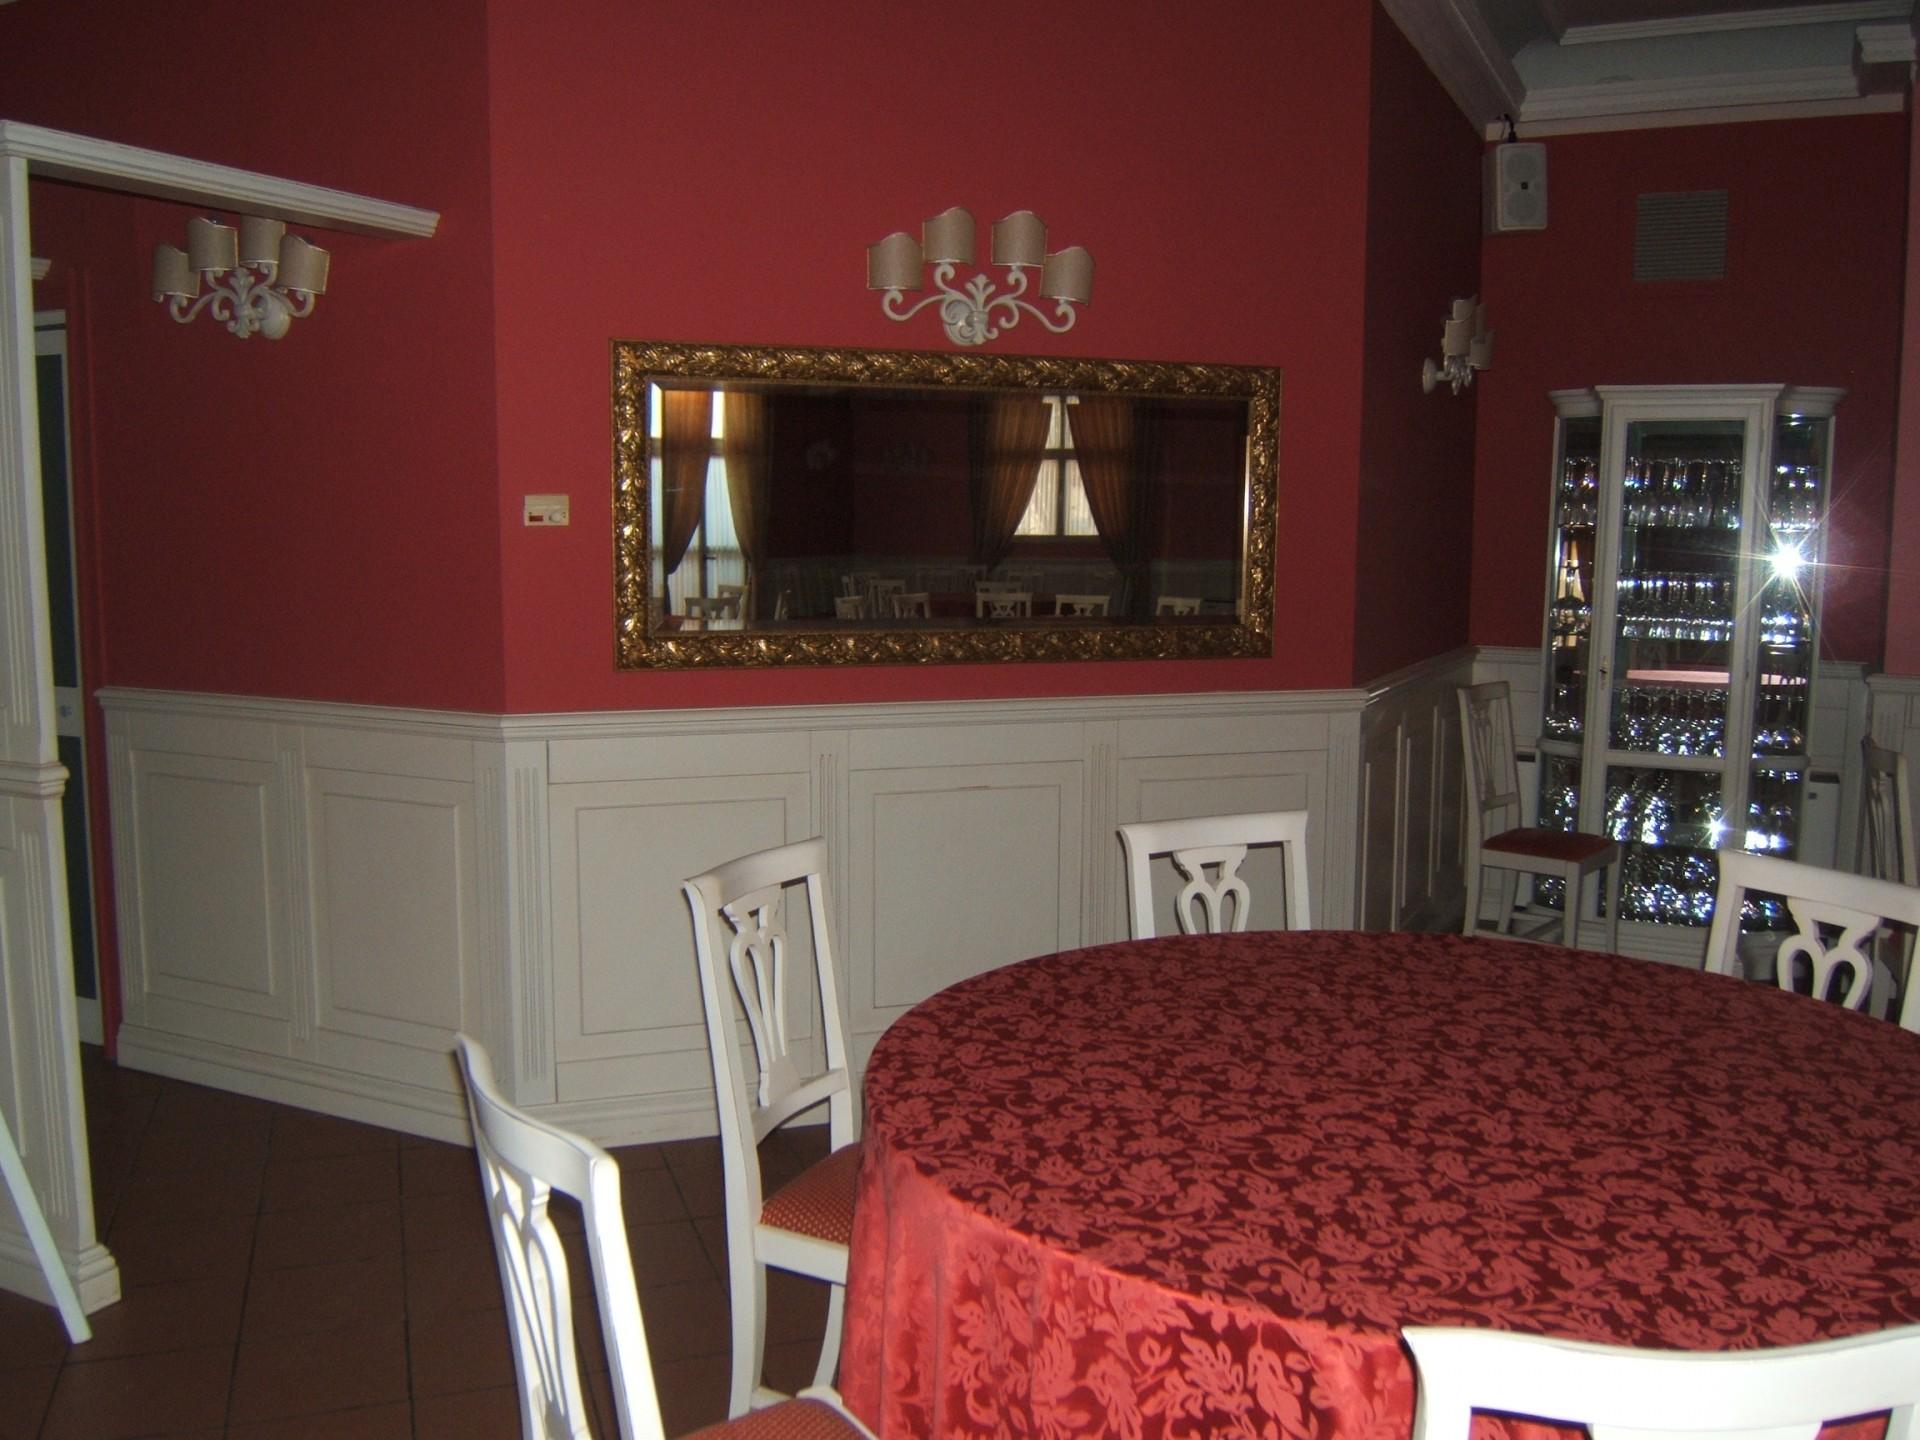 Boiserie Da Cucina : Progettazione arredamenti su misura fadini mobili cerea verona